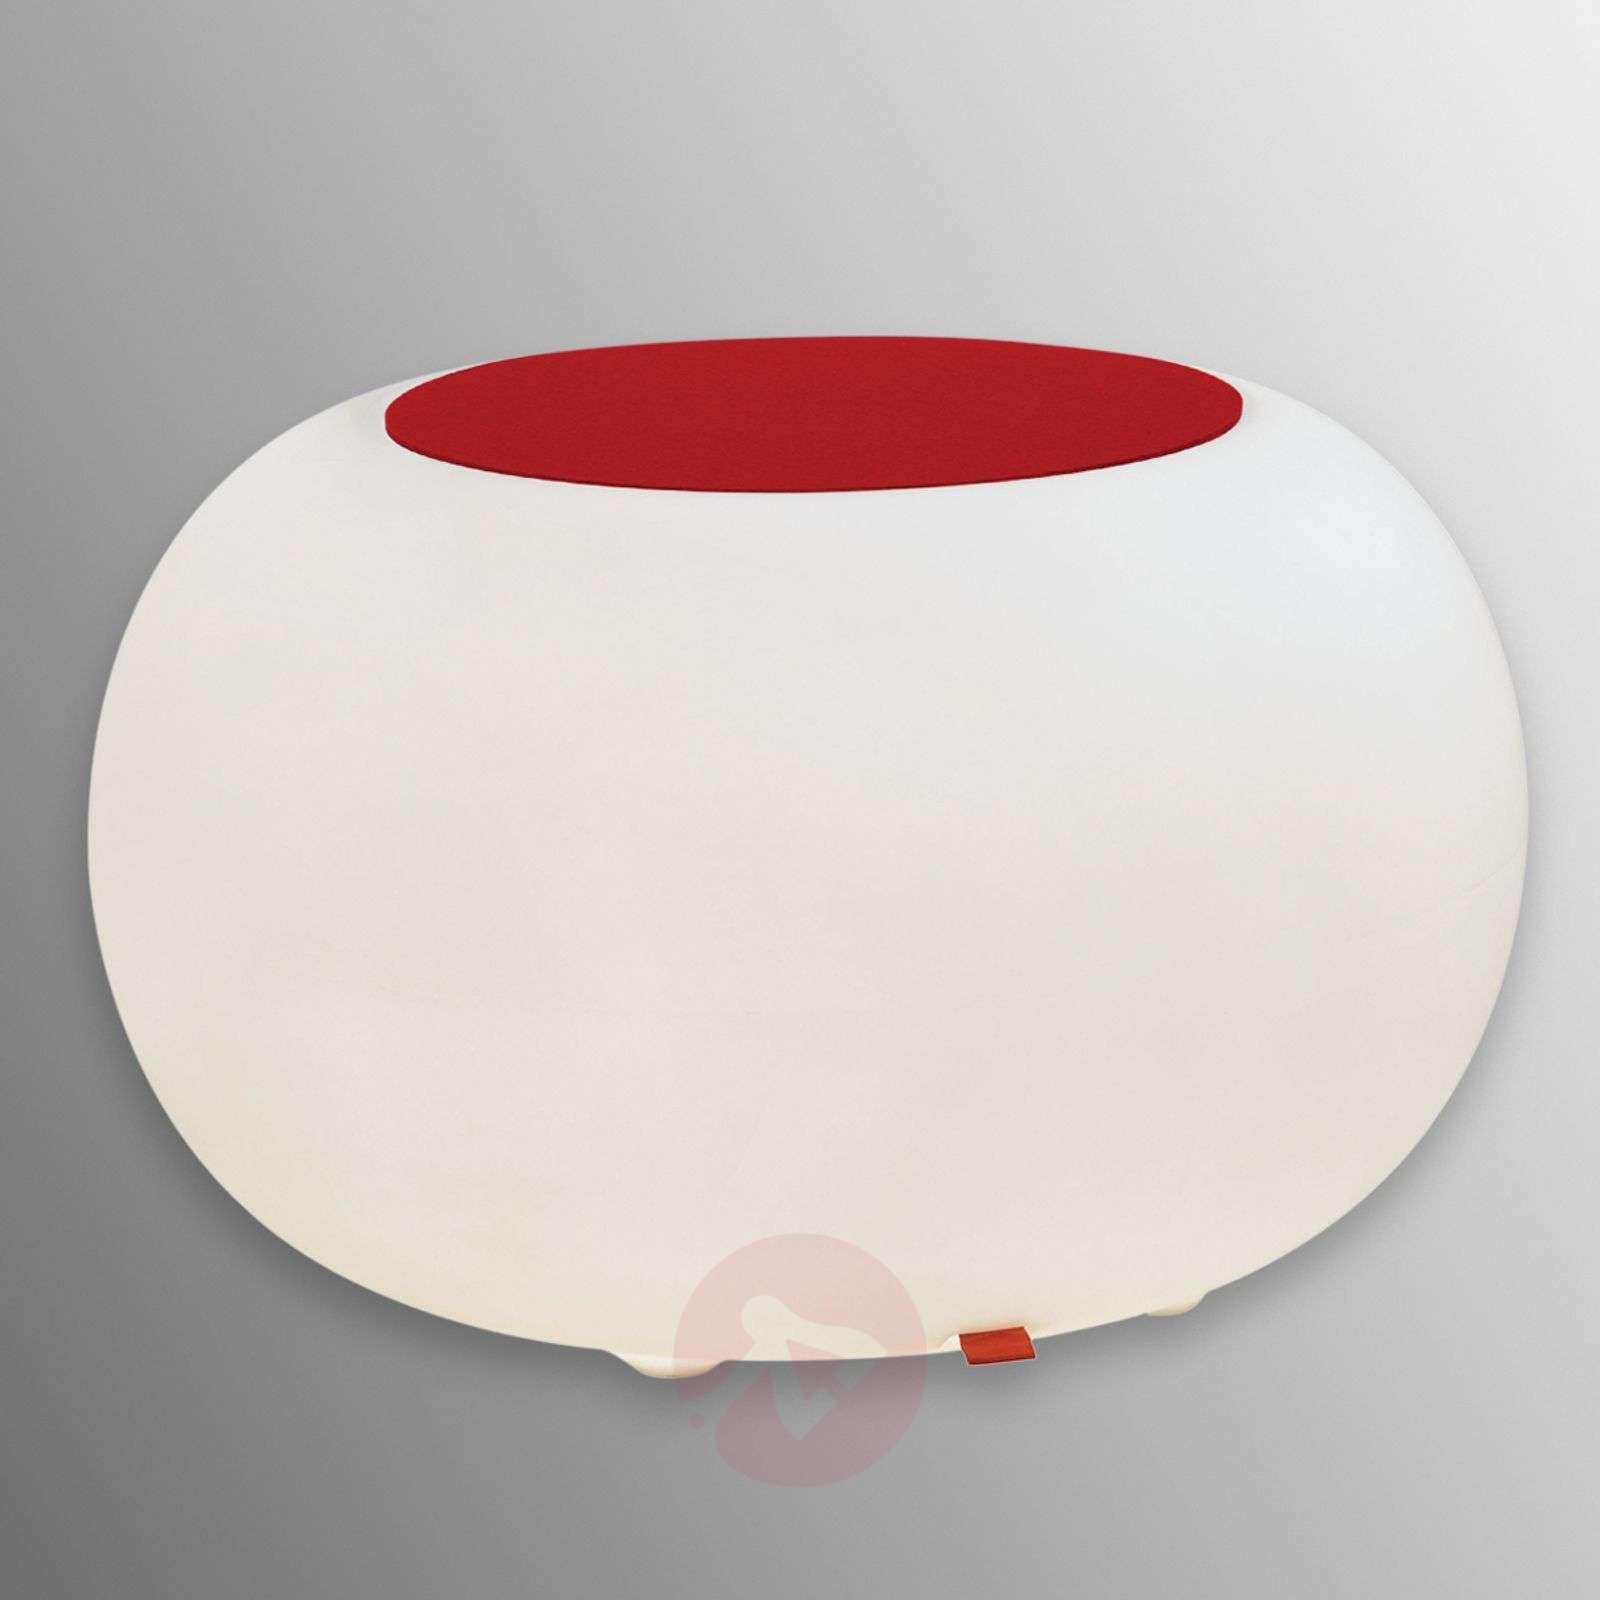 Pöytä Bubble Indoor LED valkoinen + huopa punainen-6537054-01